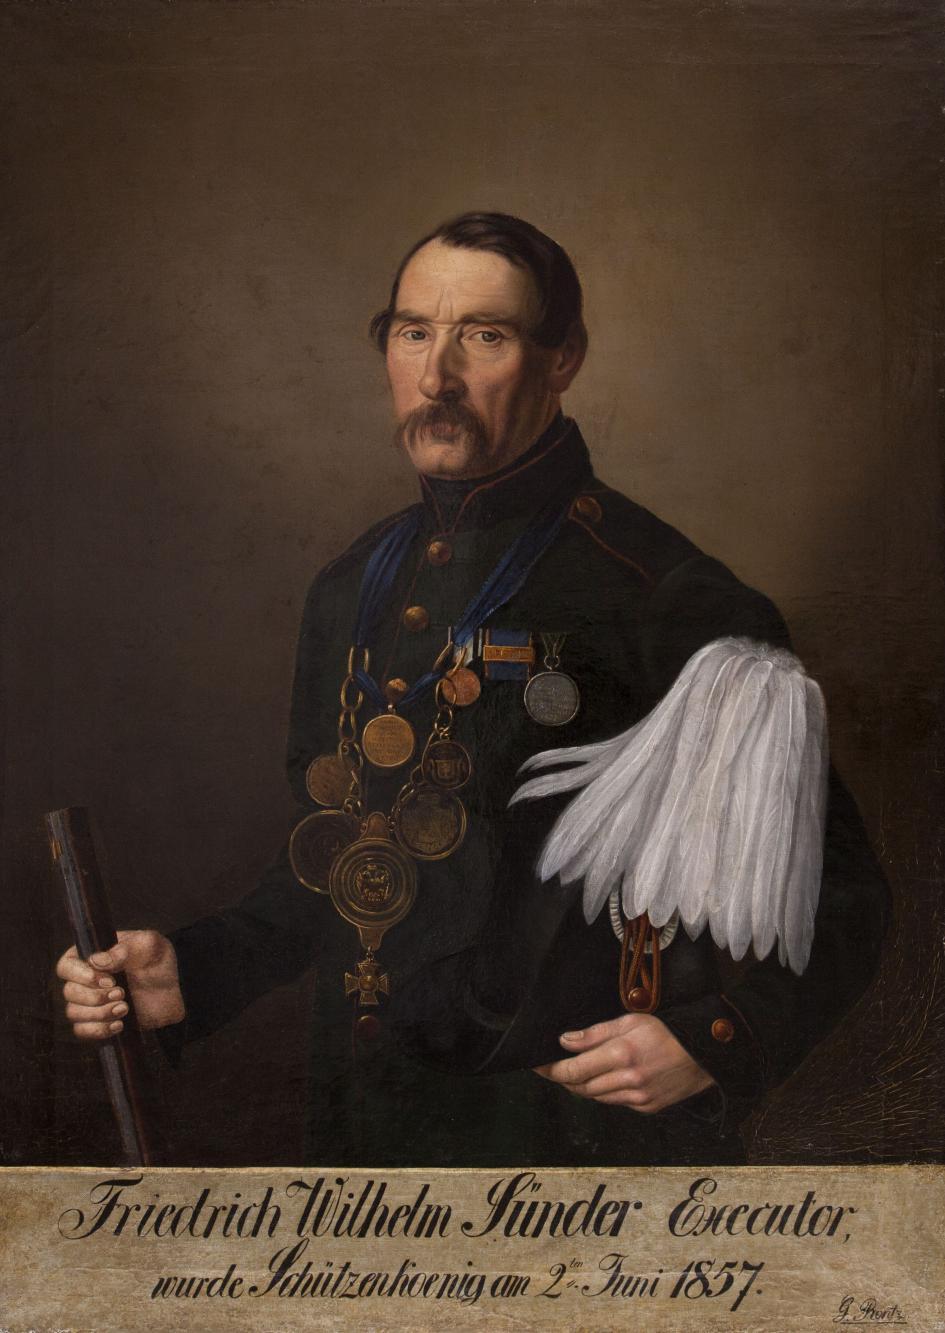 Portret króla kurkowego Friedricha Wilhelma Sünder